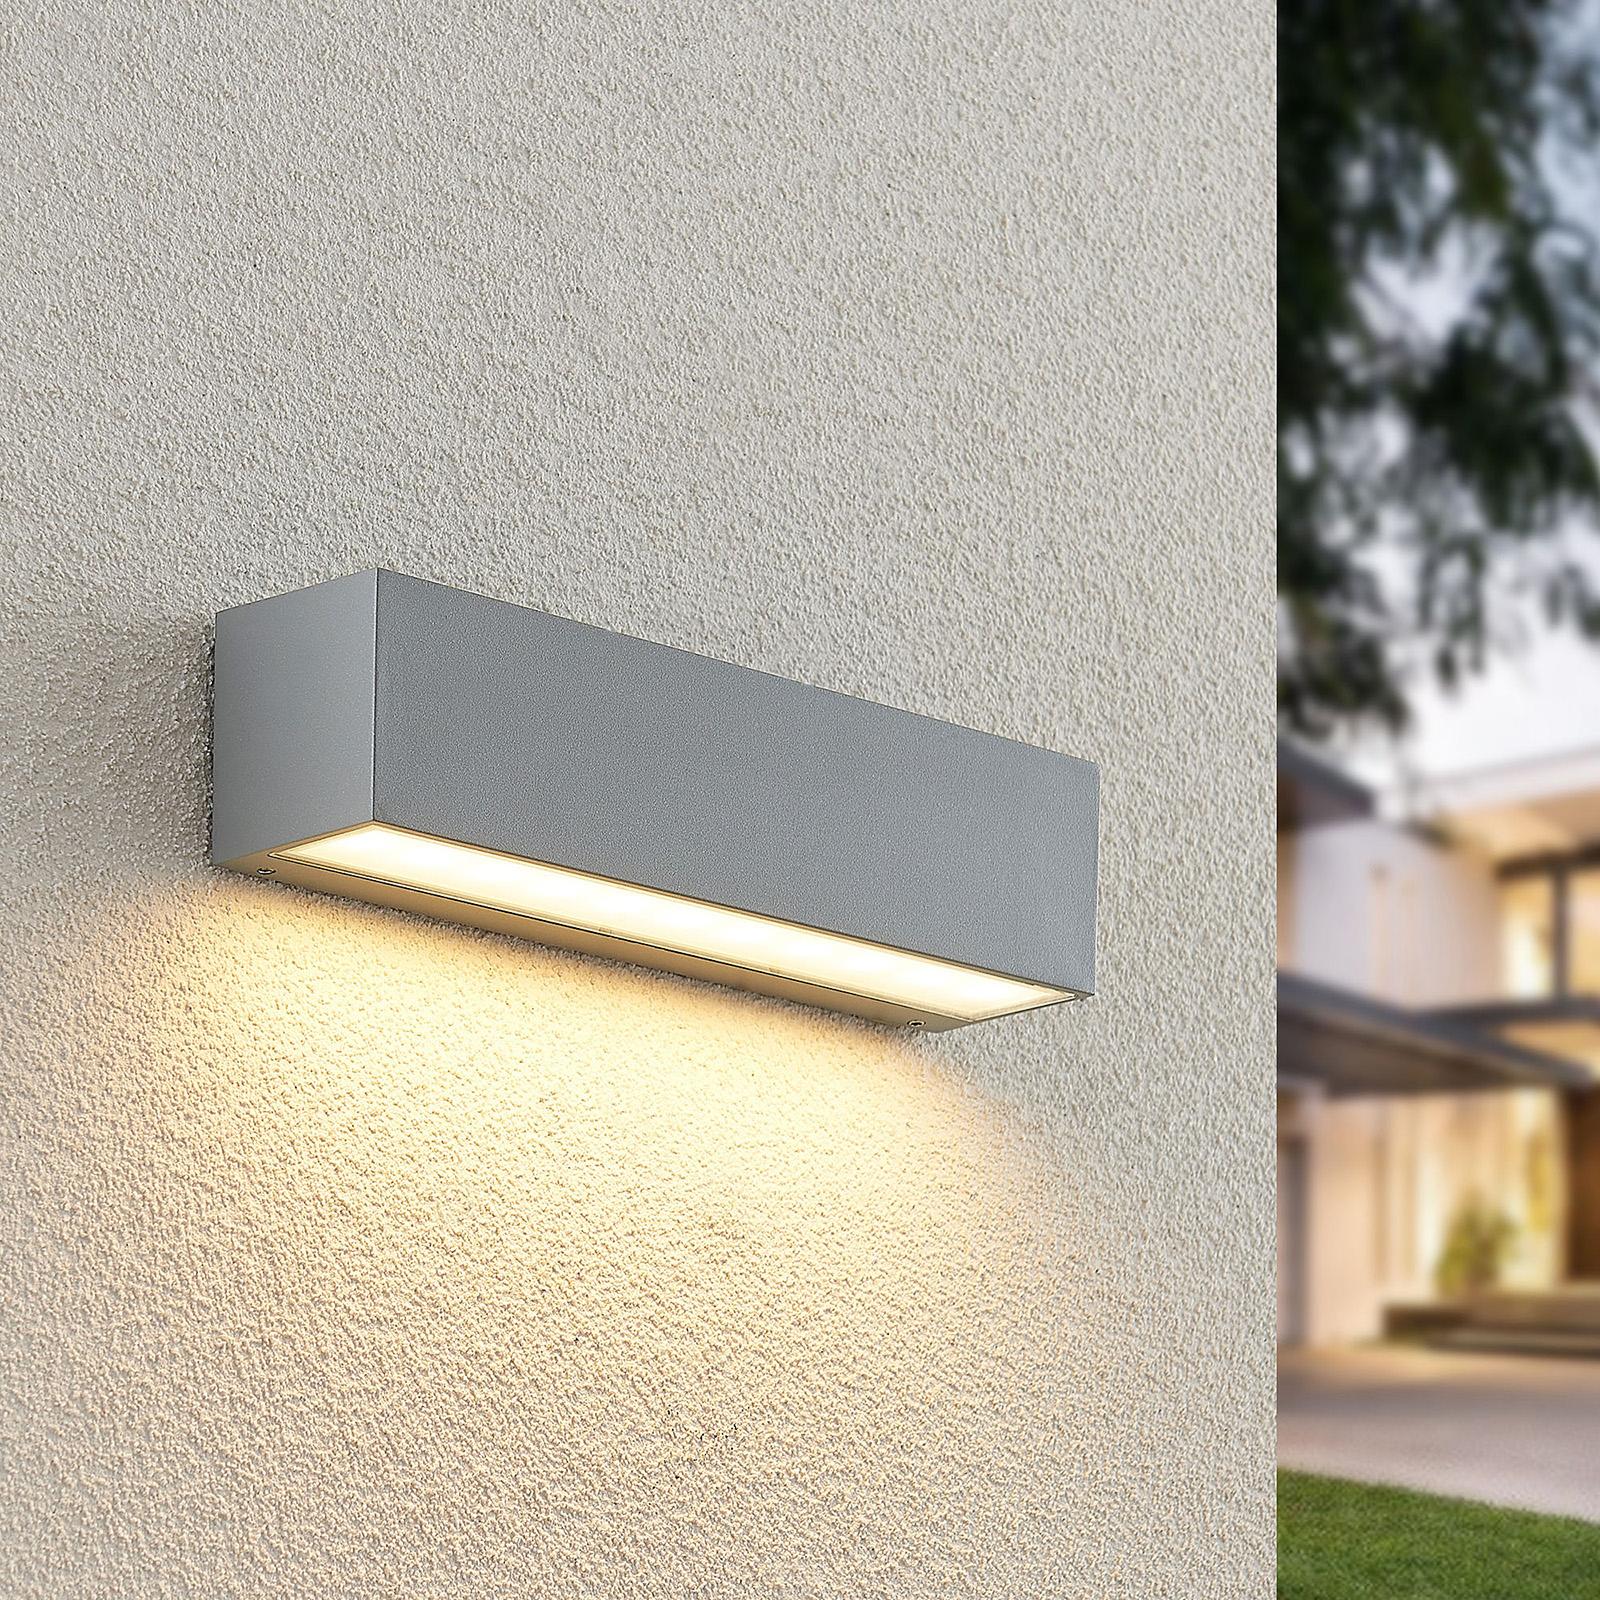 Lucande Lengo LED-væglampe, 25 cm sølv 1 lyskilder